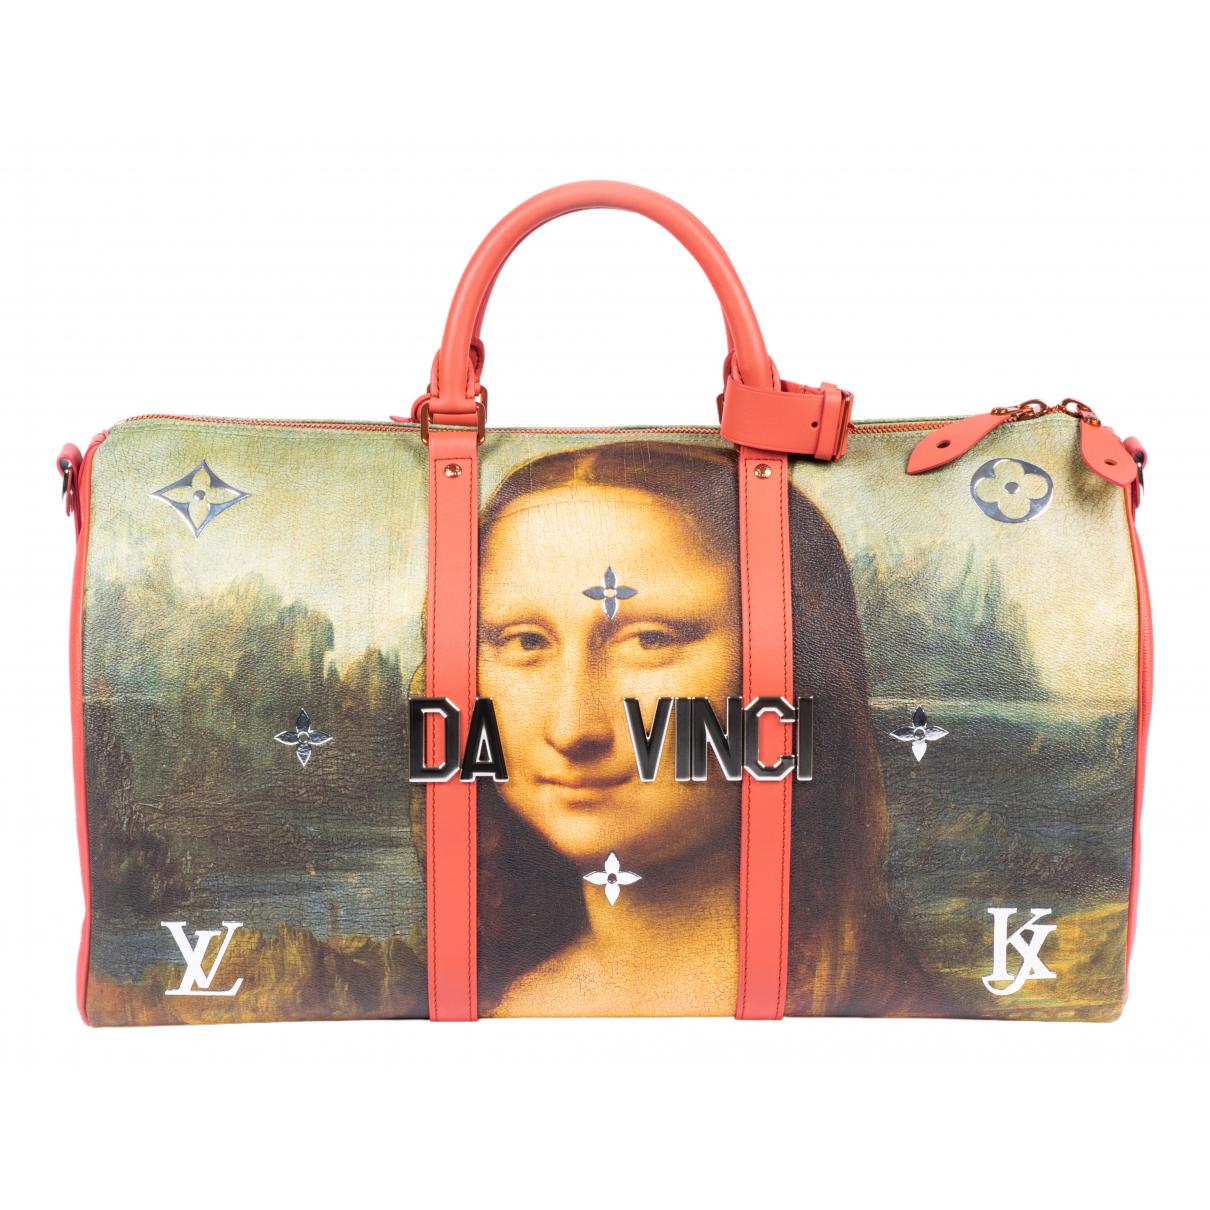 Louis Vuitton - Sac de voyage Keepall pour femme en toile - multicolore